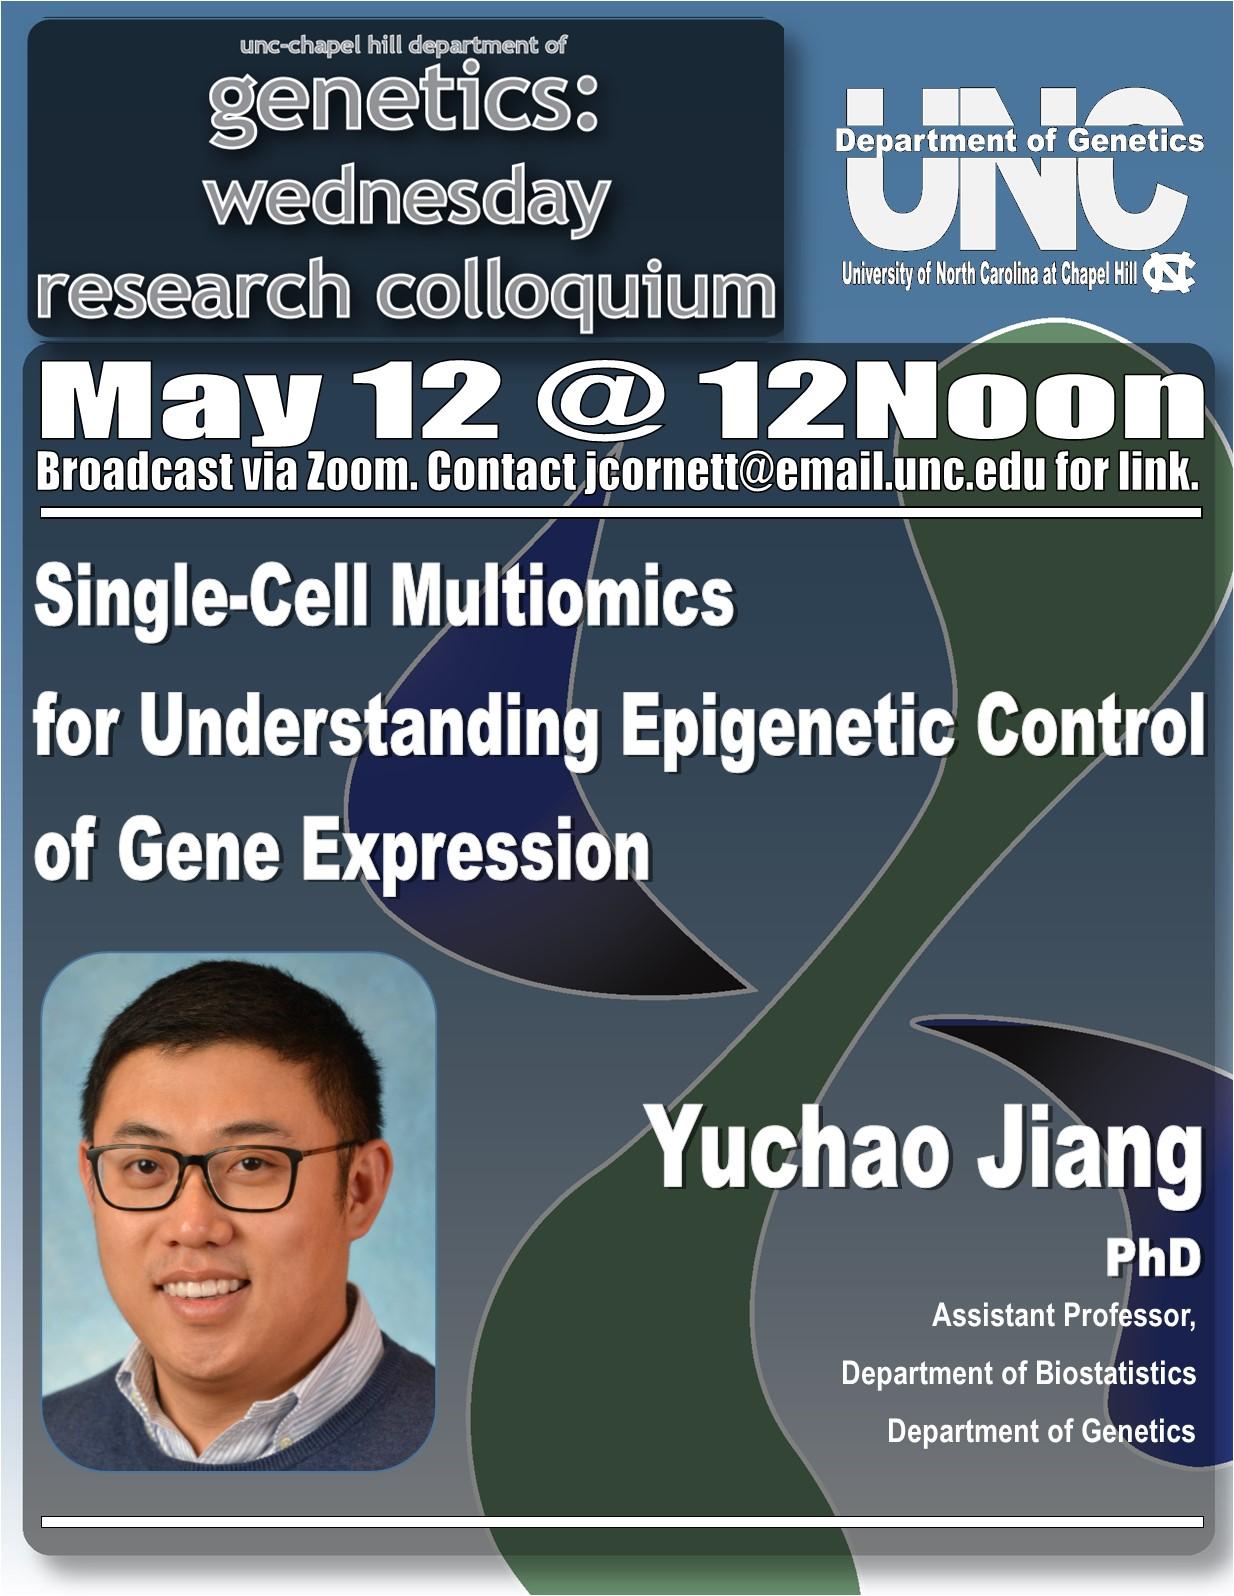 Genetics Colloquium_21 0512 Yuchao Jiang